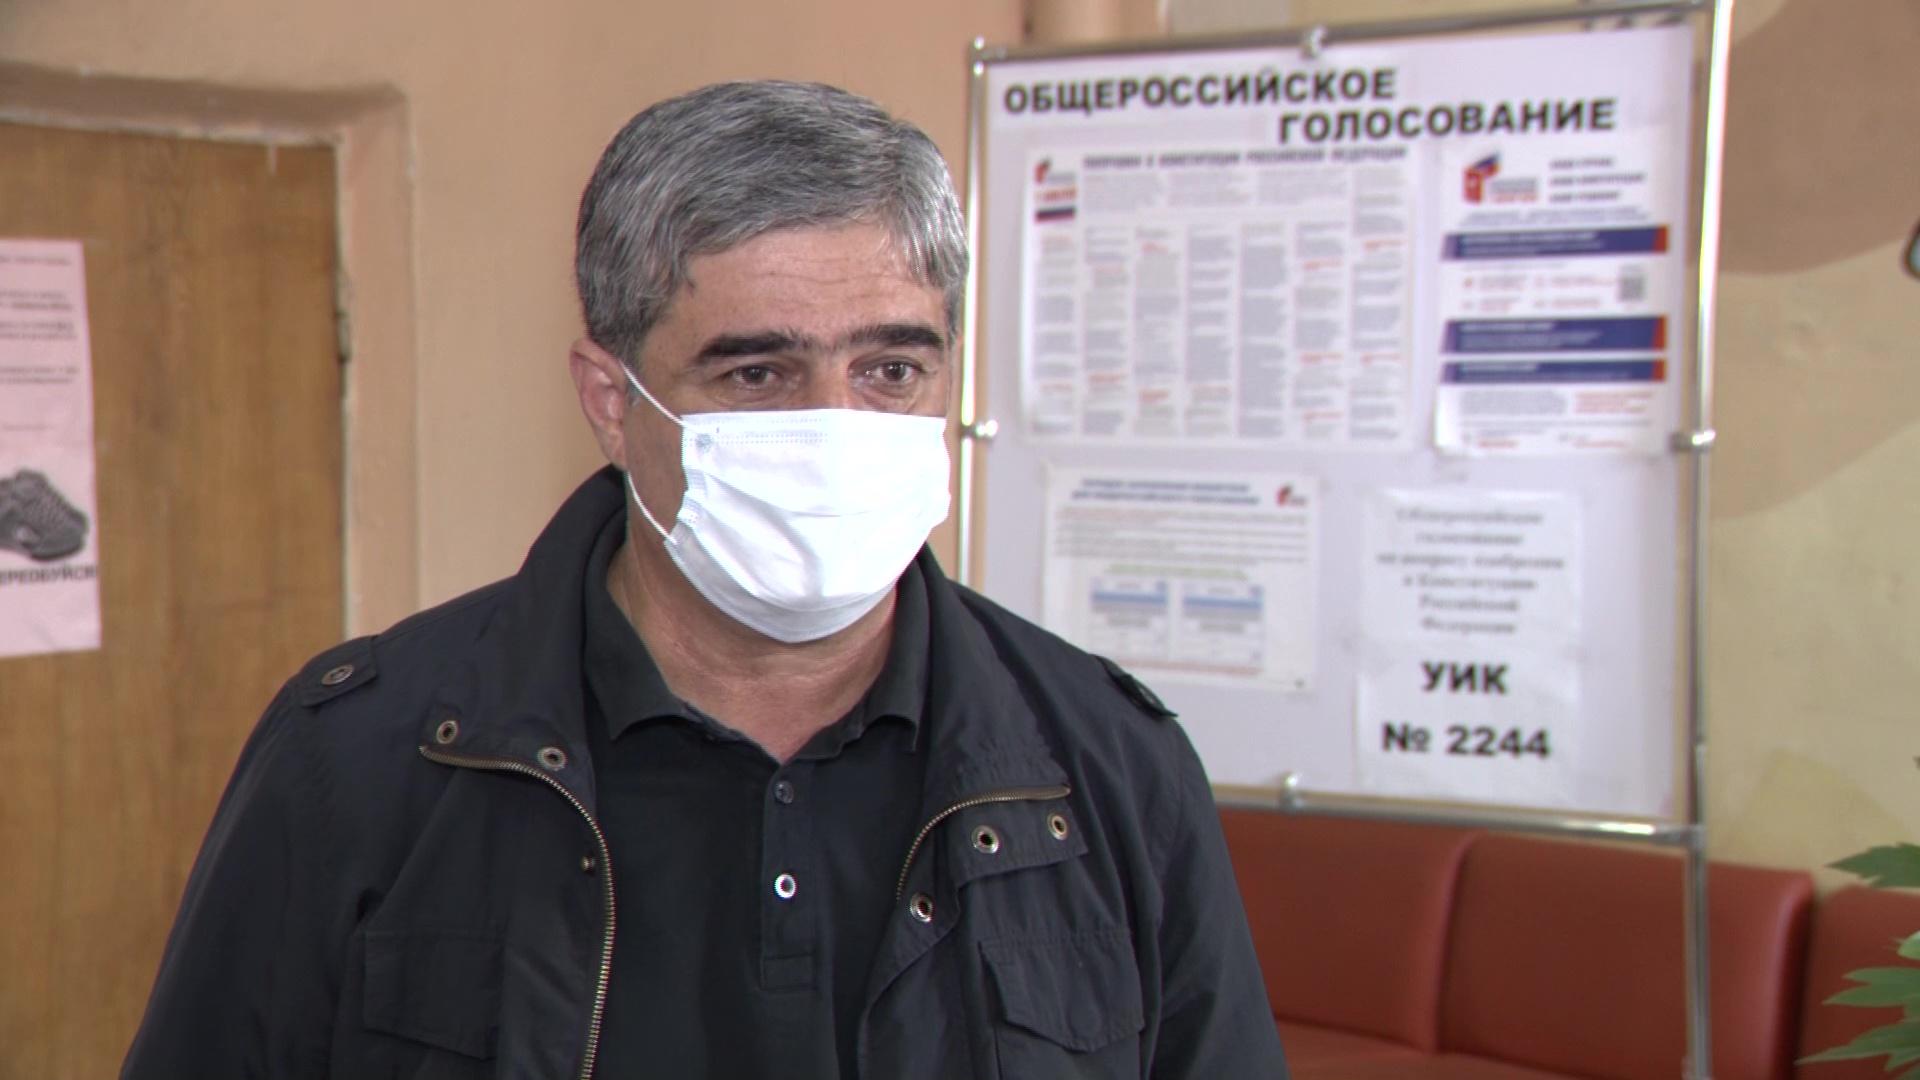 Файзо Полатов: «У нас будет больше возможностей сохранить свой язык, если это закрепят в Конституции»